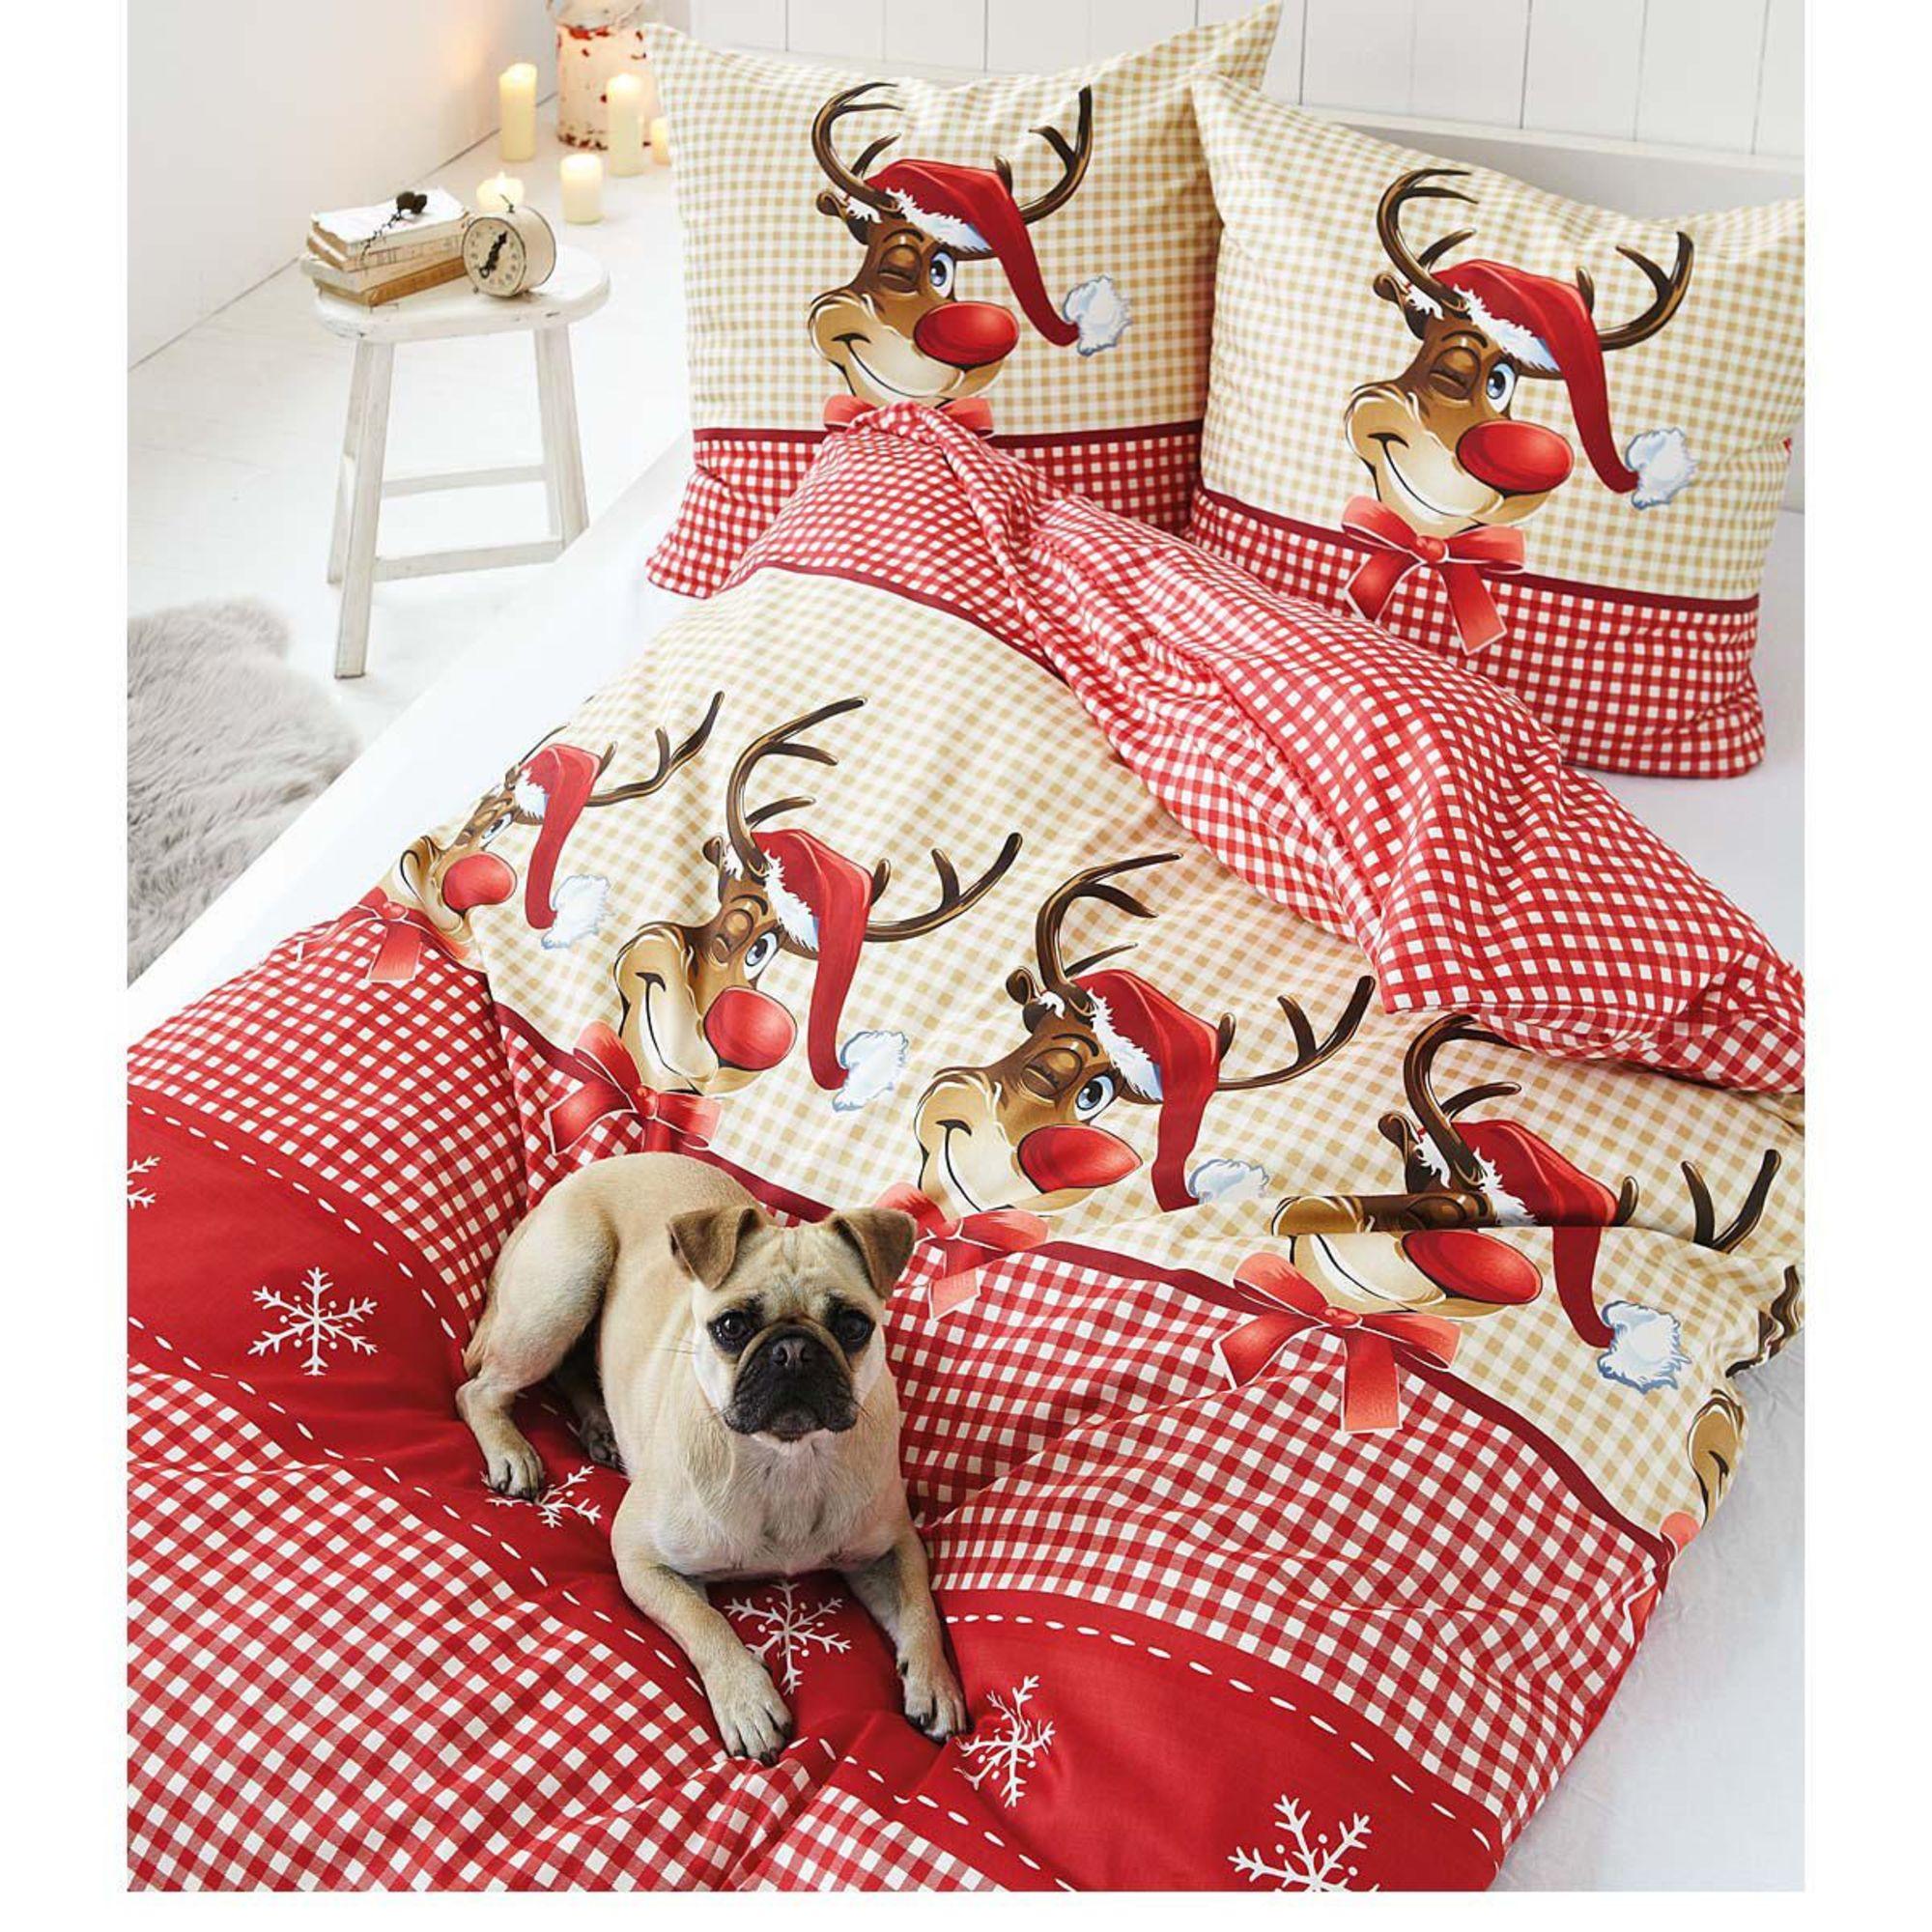 weihnachten bettwsche bettwsche rot schwarz schn. Black Bedroom Furniture Sets. Home Design Ideas